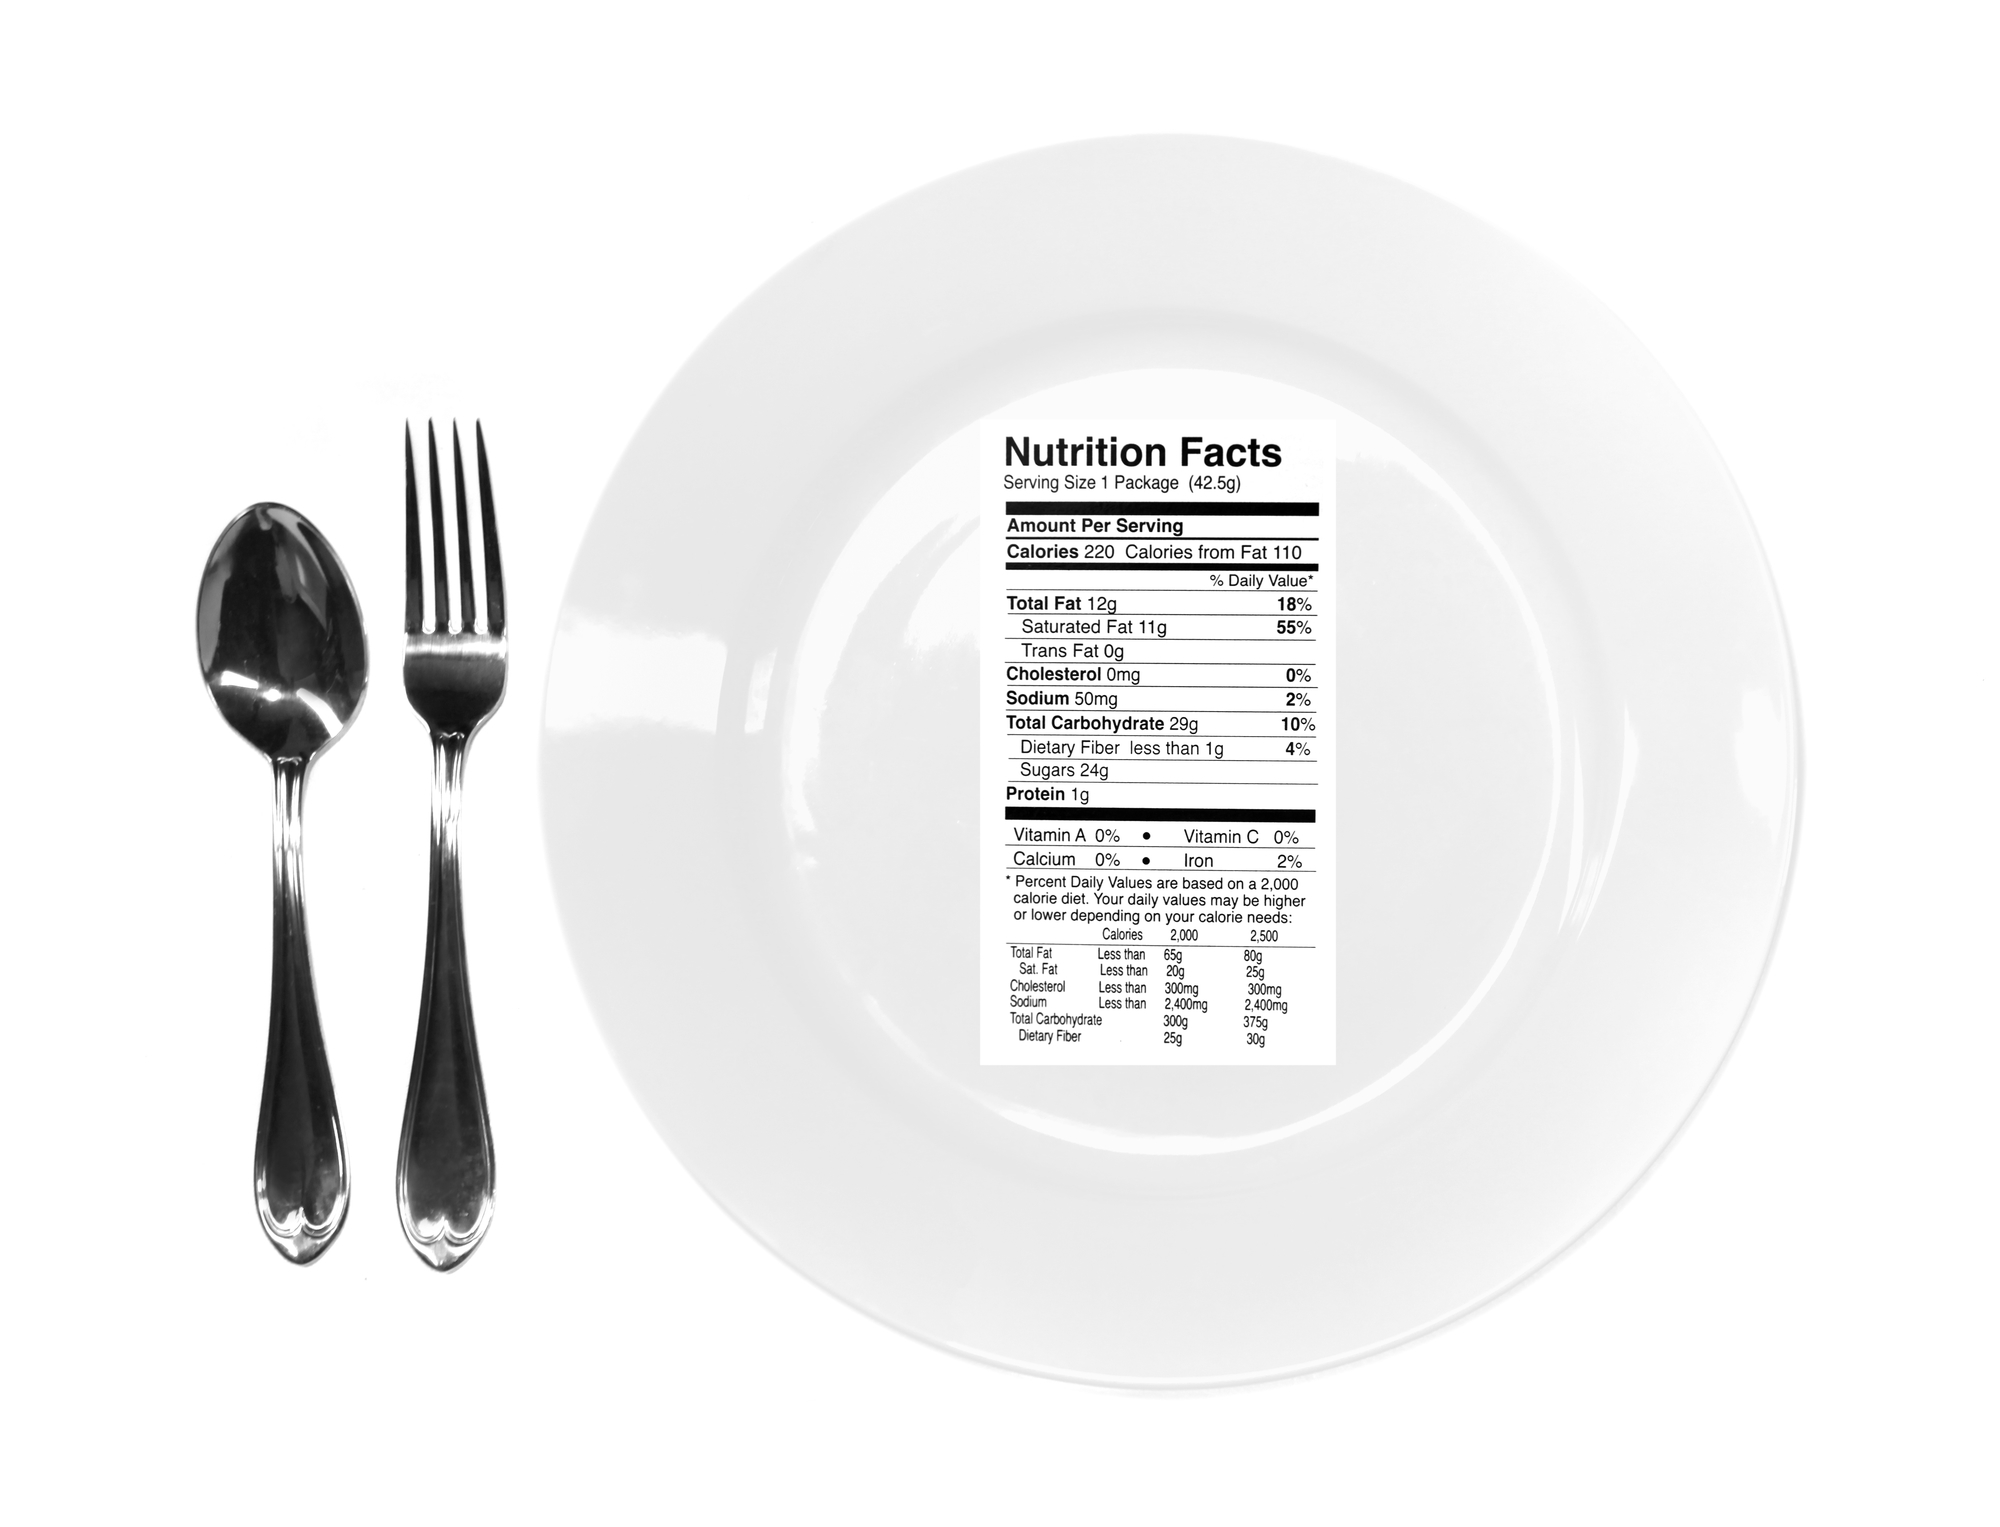 Cómo leer etiquetas en productos alimenticios